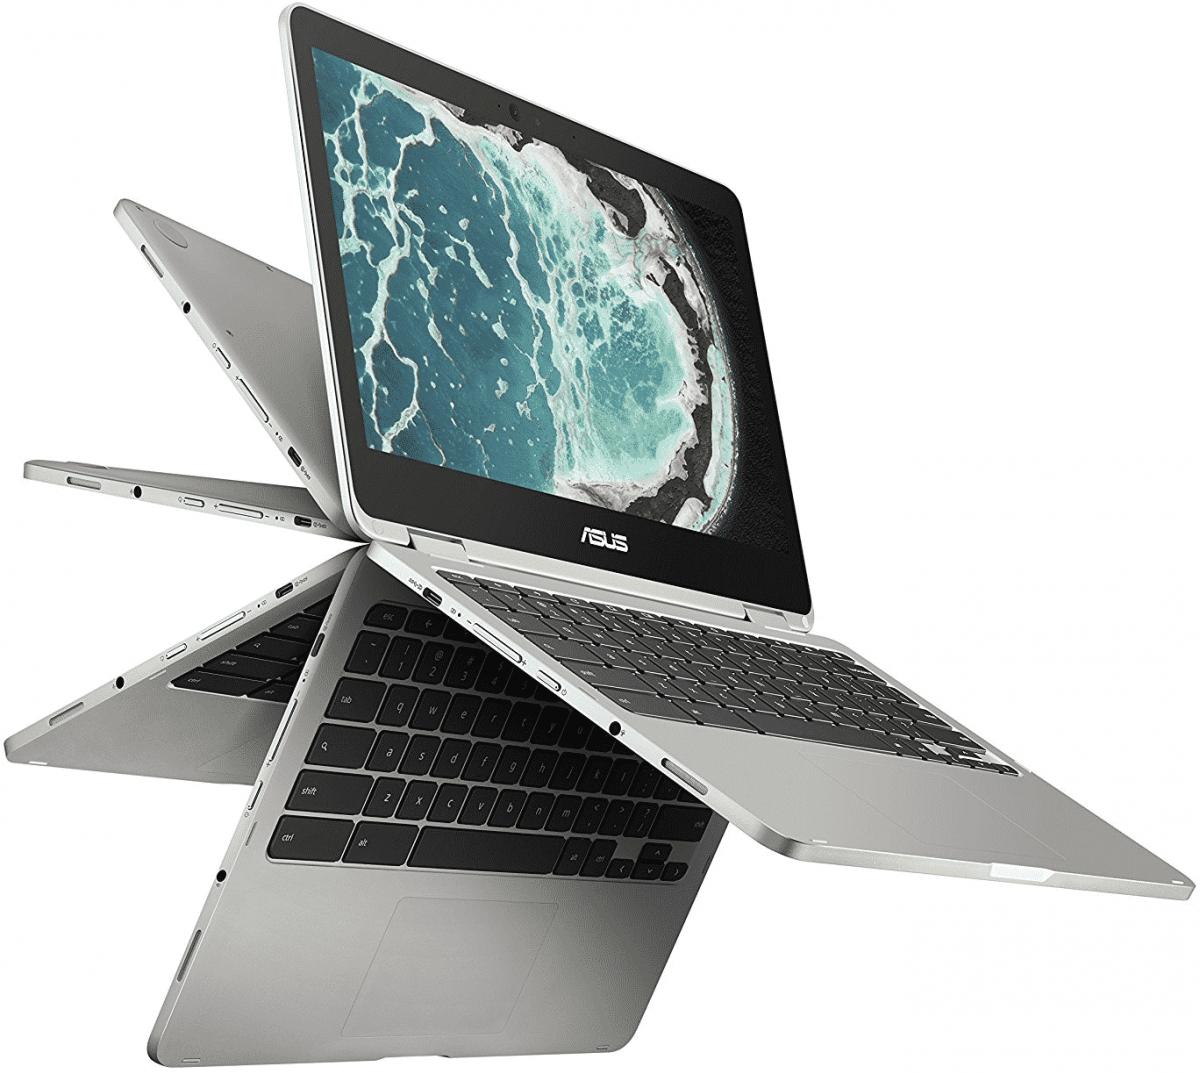 ASUS Chromebook Flip C302CA-DHM4 laptop